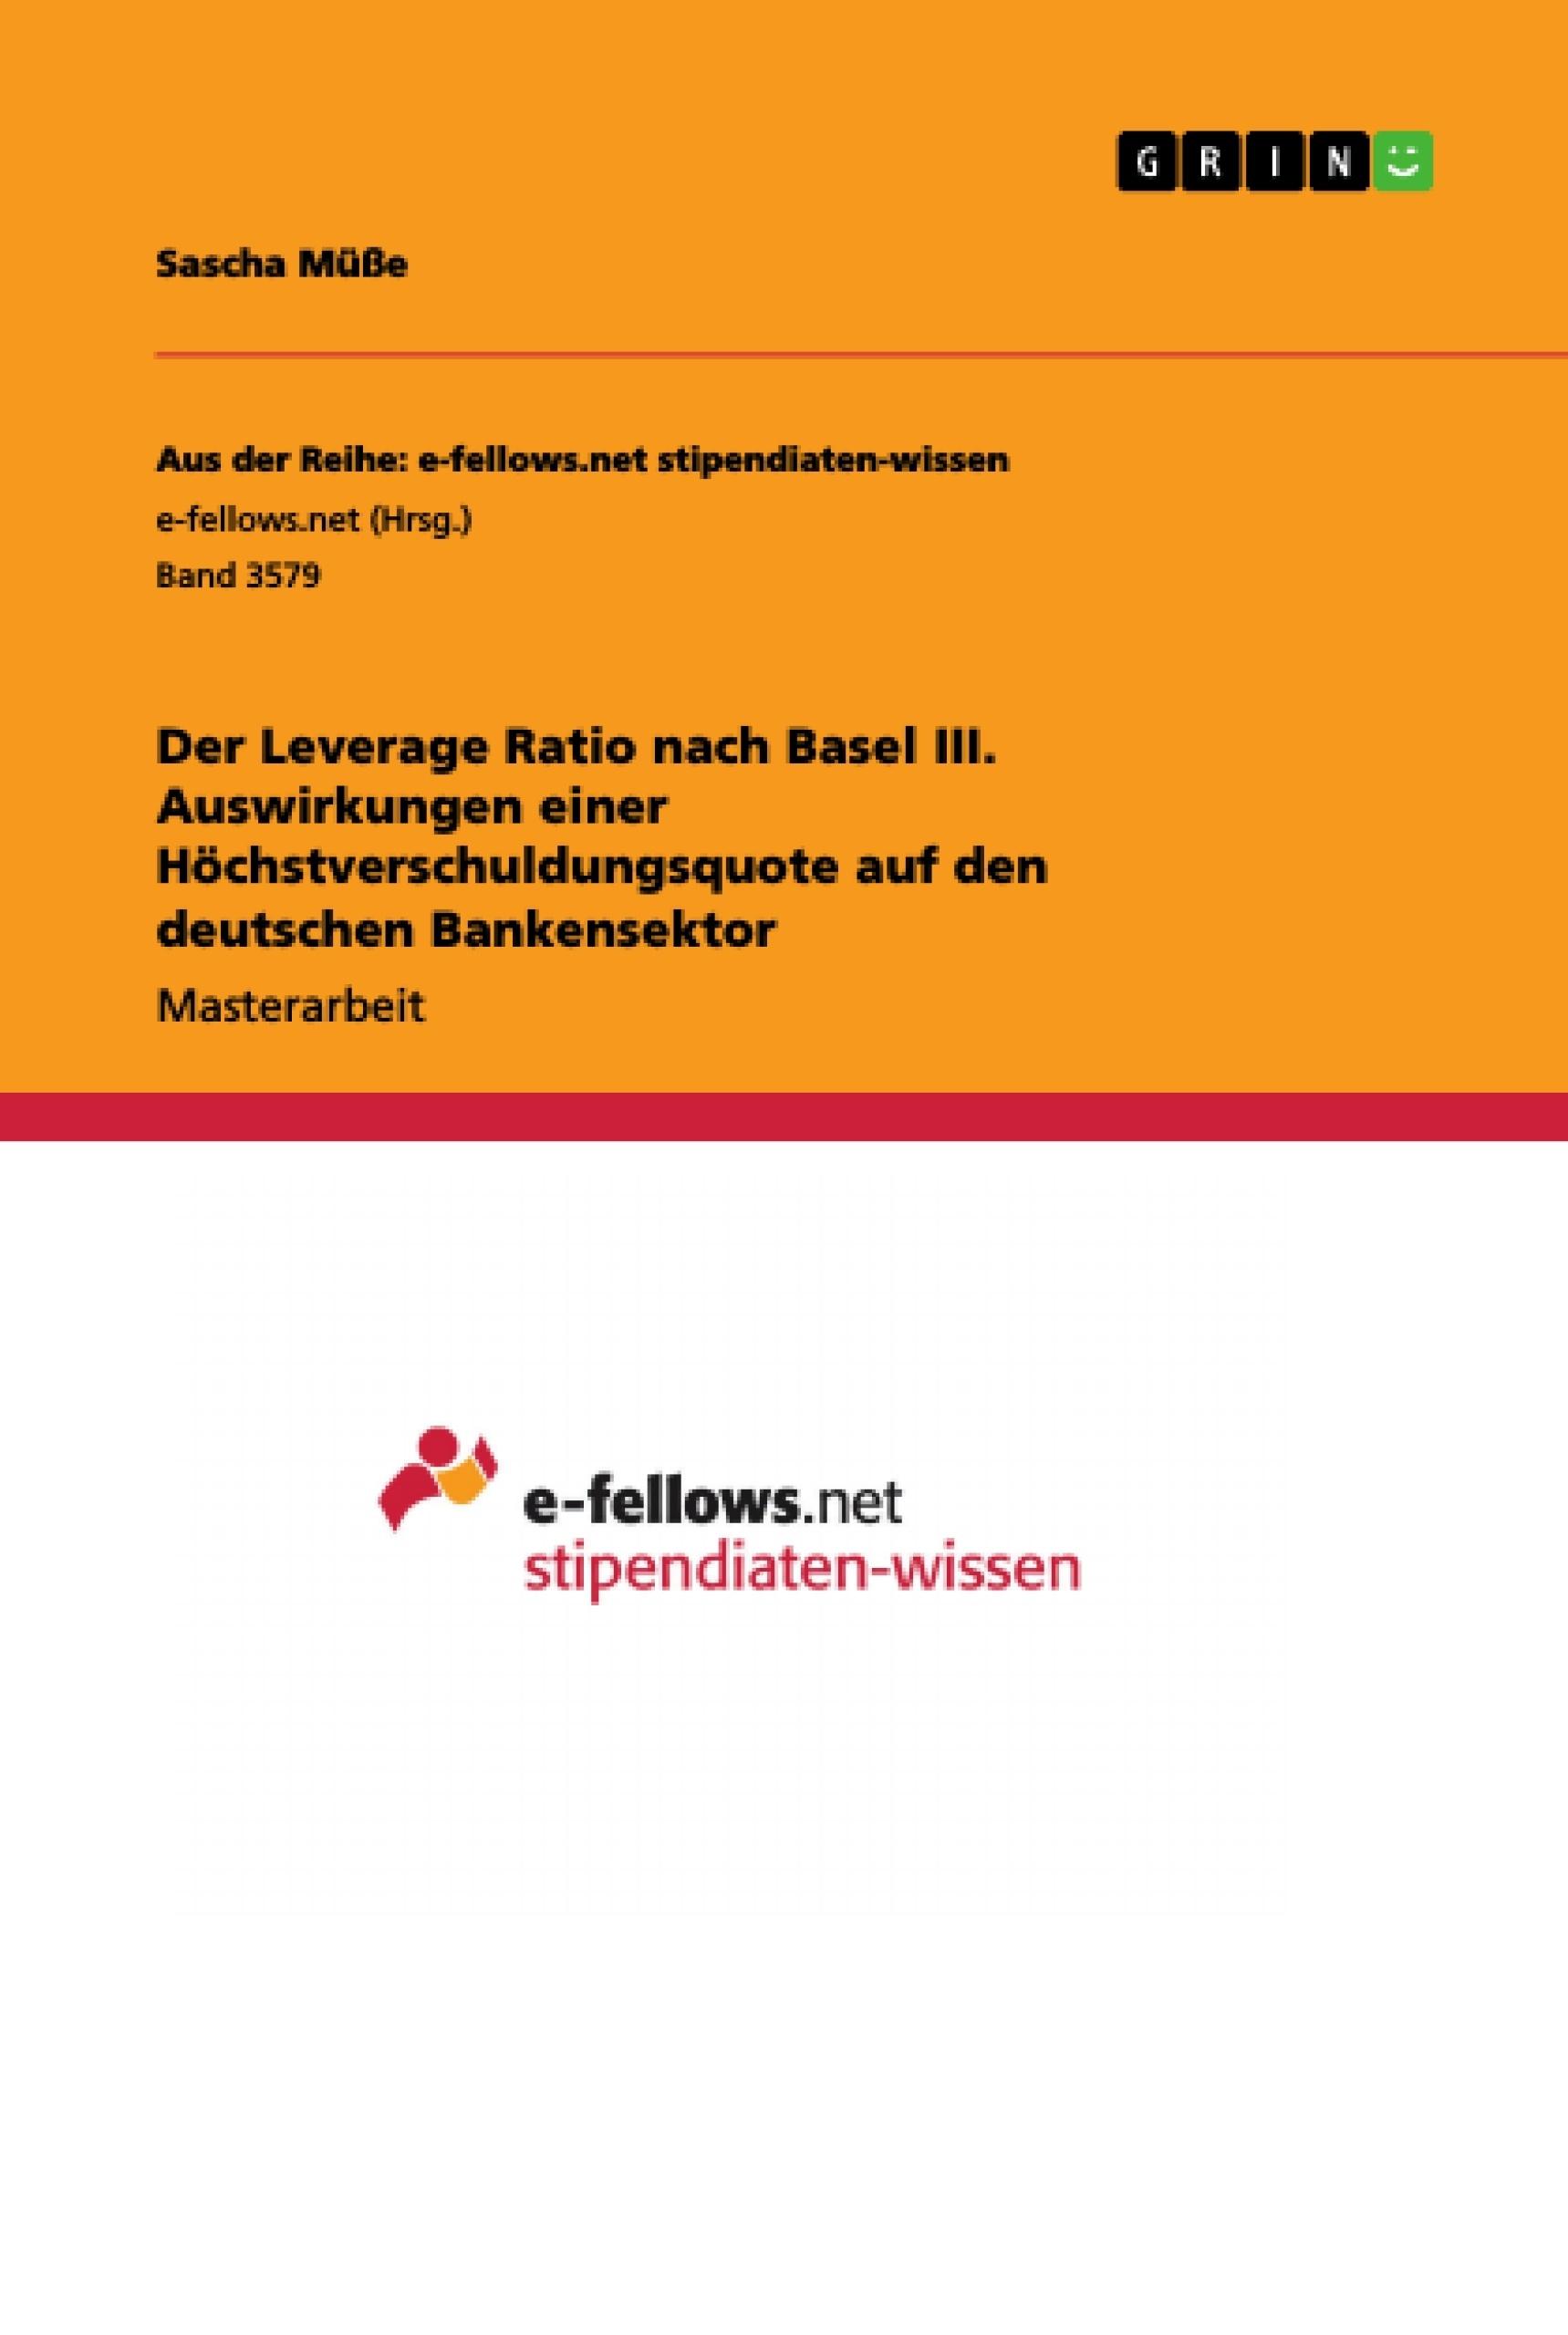 Titel: Der Leverage Ratio nach Basel III. Auswirkungen einer Höchstverschuldungsquote auf den deutschen Bankensektor